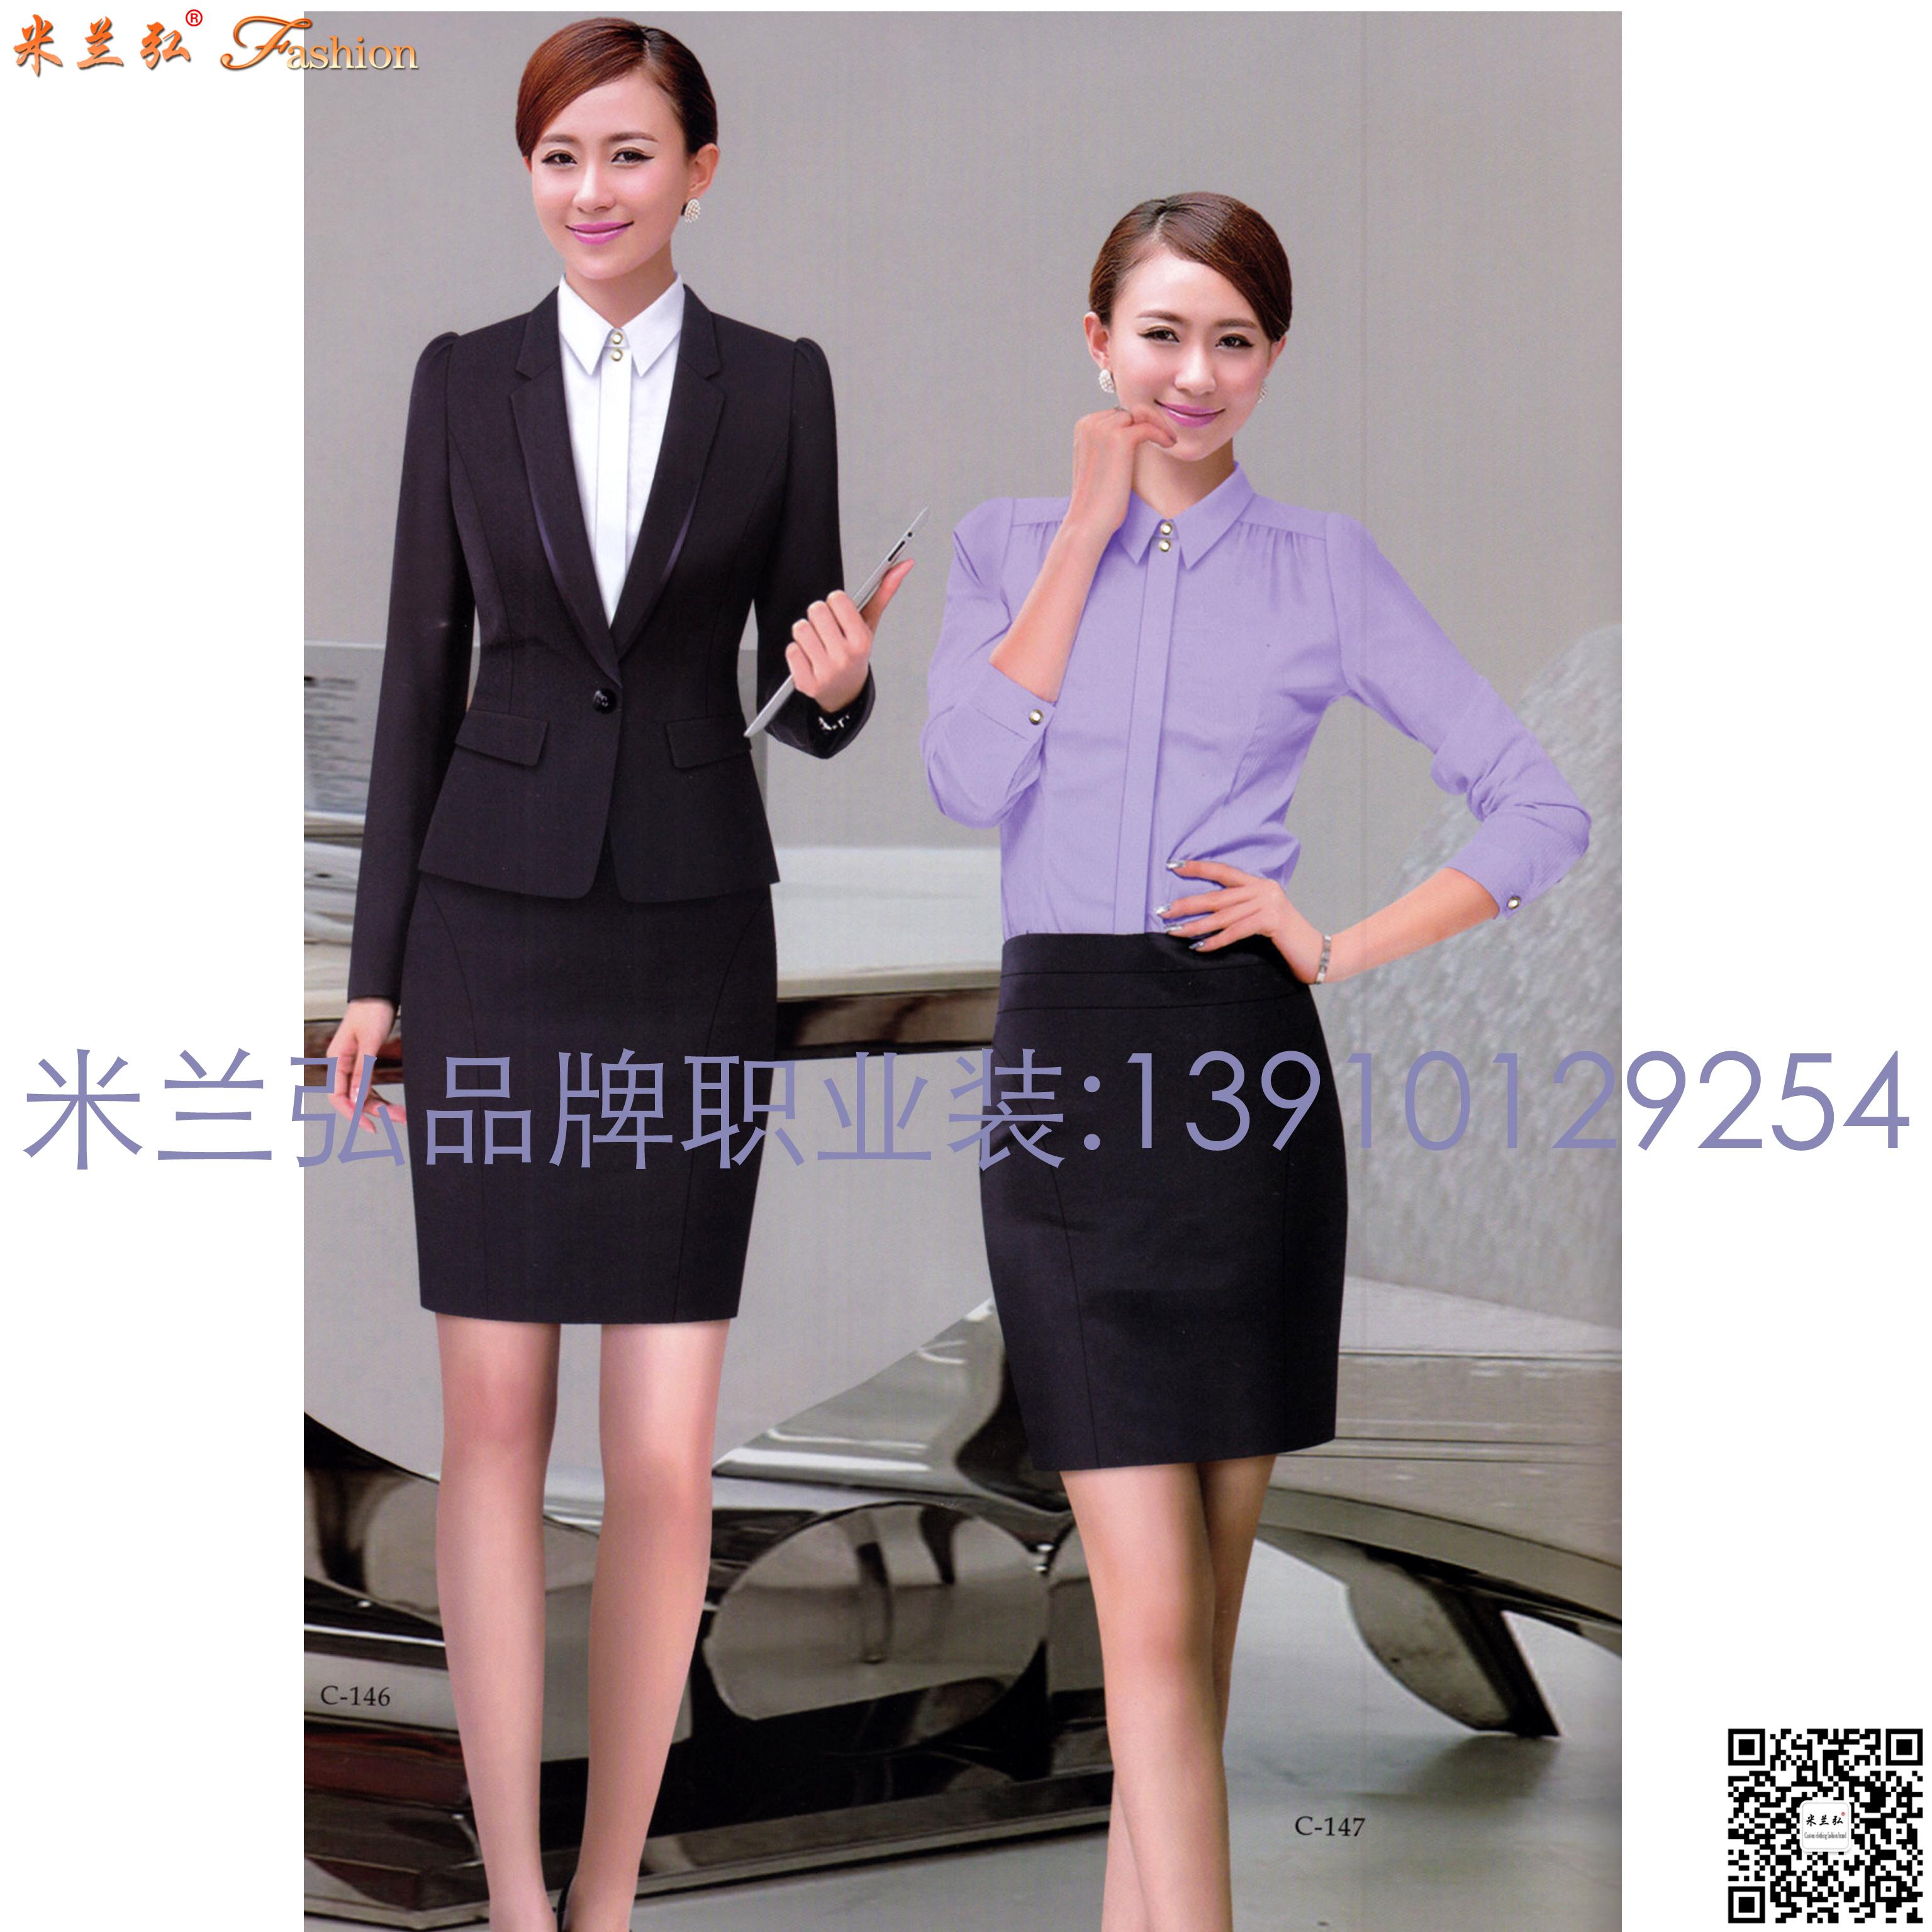 北京哪里可以定做西服北京西服时尚职业装韩版女装量身定做西服办公室制服定做-4